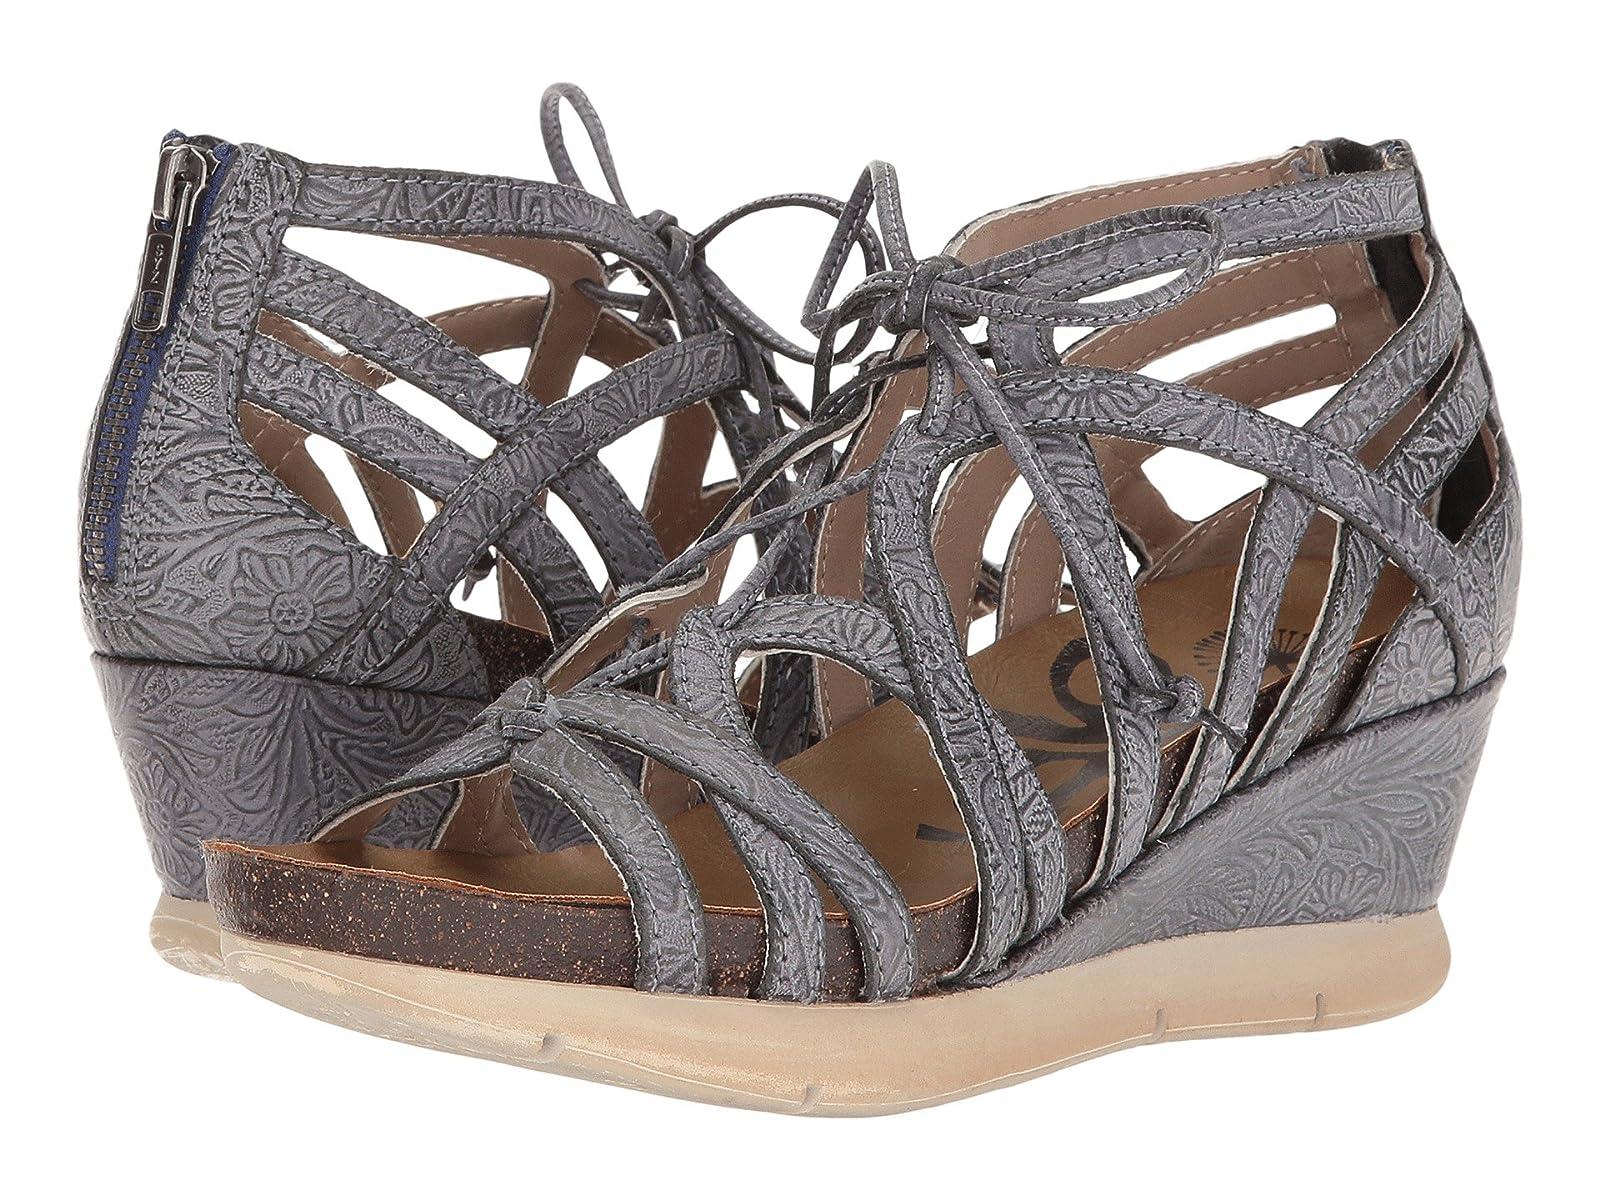 OTBT NomadicAtmospheric grades have affordable shoes